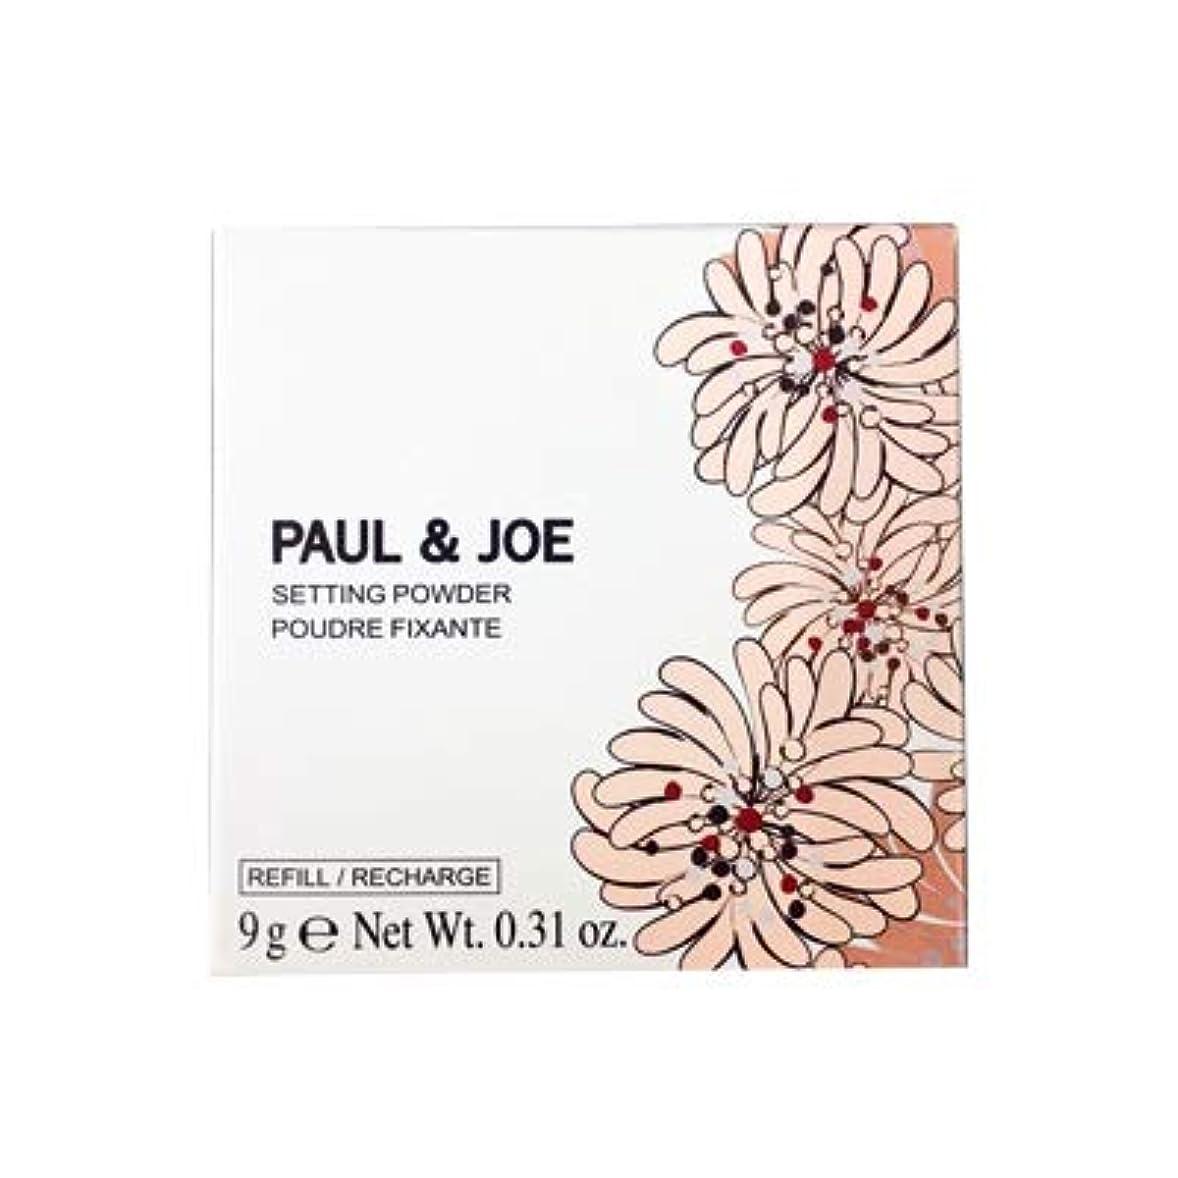 リフレッシュ間隔取るに足らないポール & ジョー/PAUL & JOE セッティング パウダー ケース #01 [ ケース ] [並行輸入品]